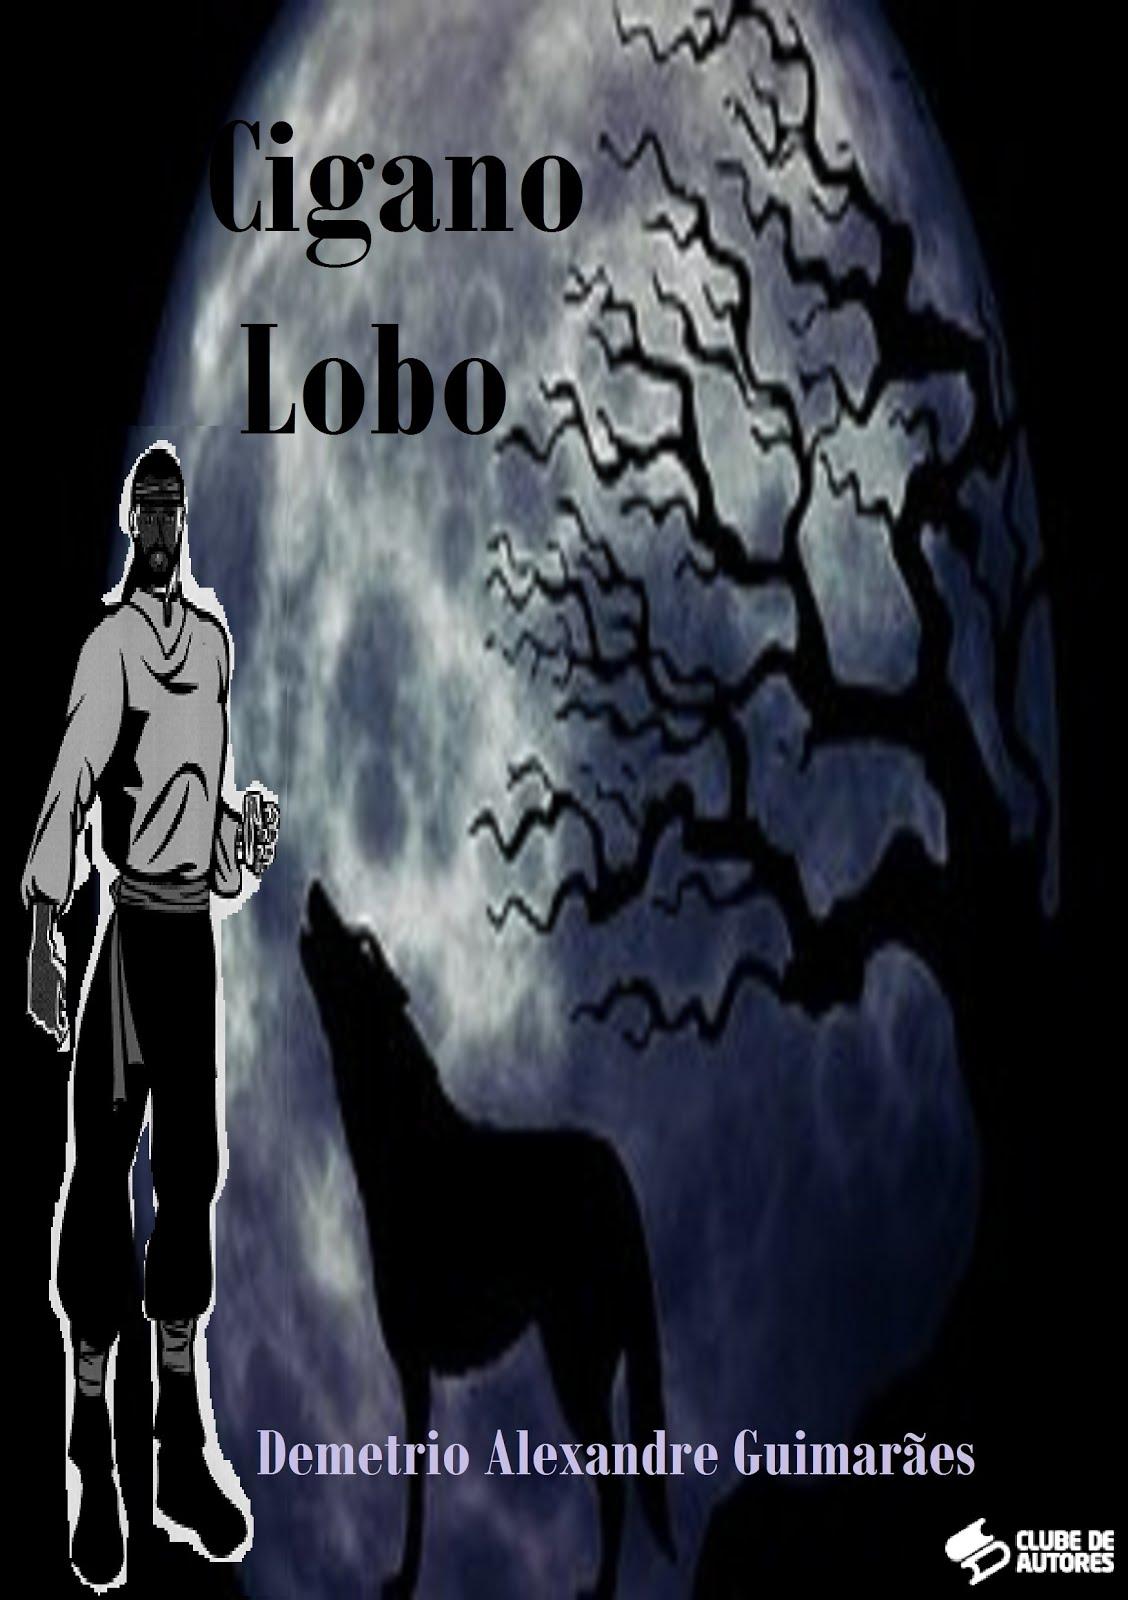 CIGANO LOBO